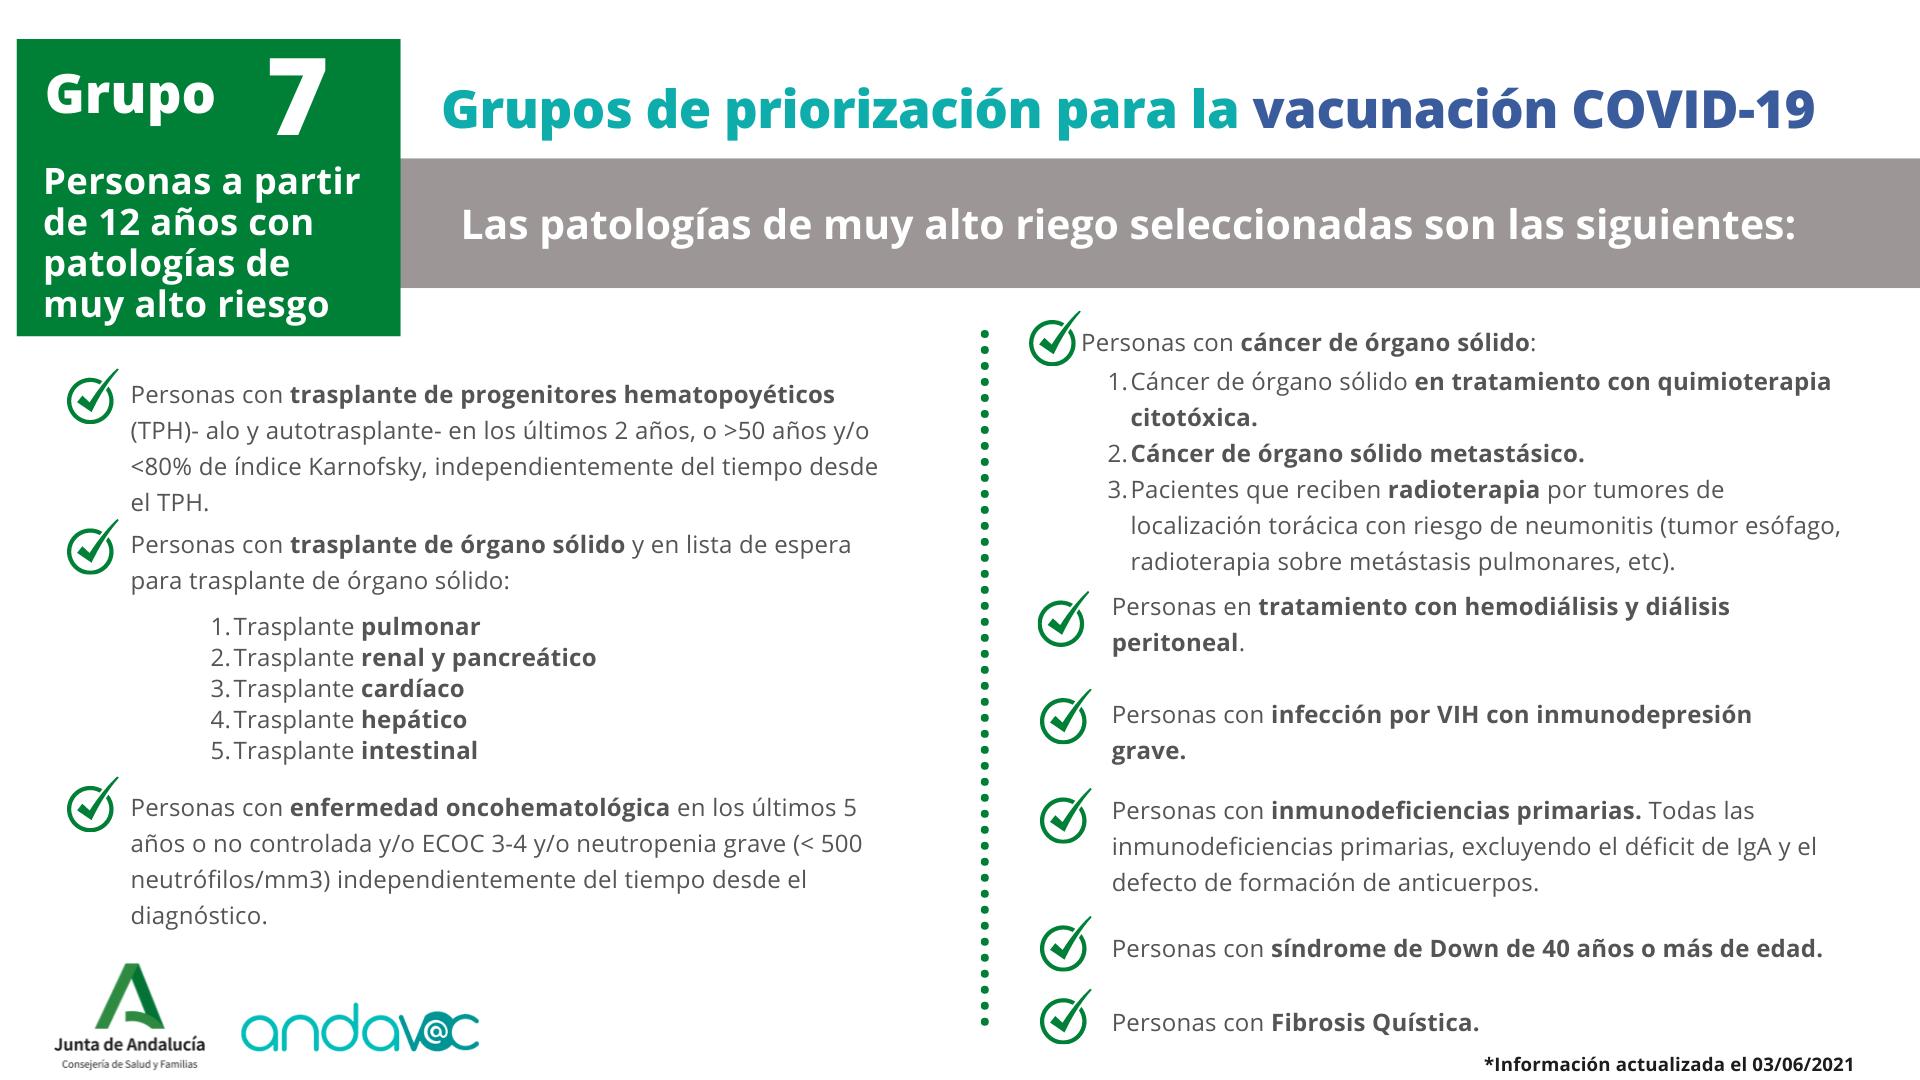 Grupo 7 priorización vacunación COVID-19